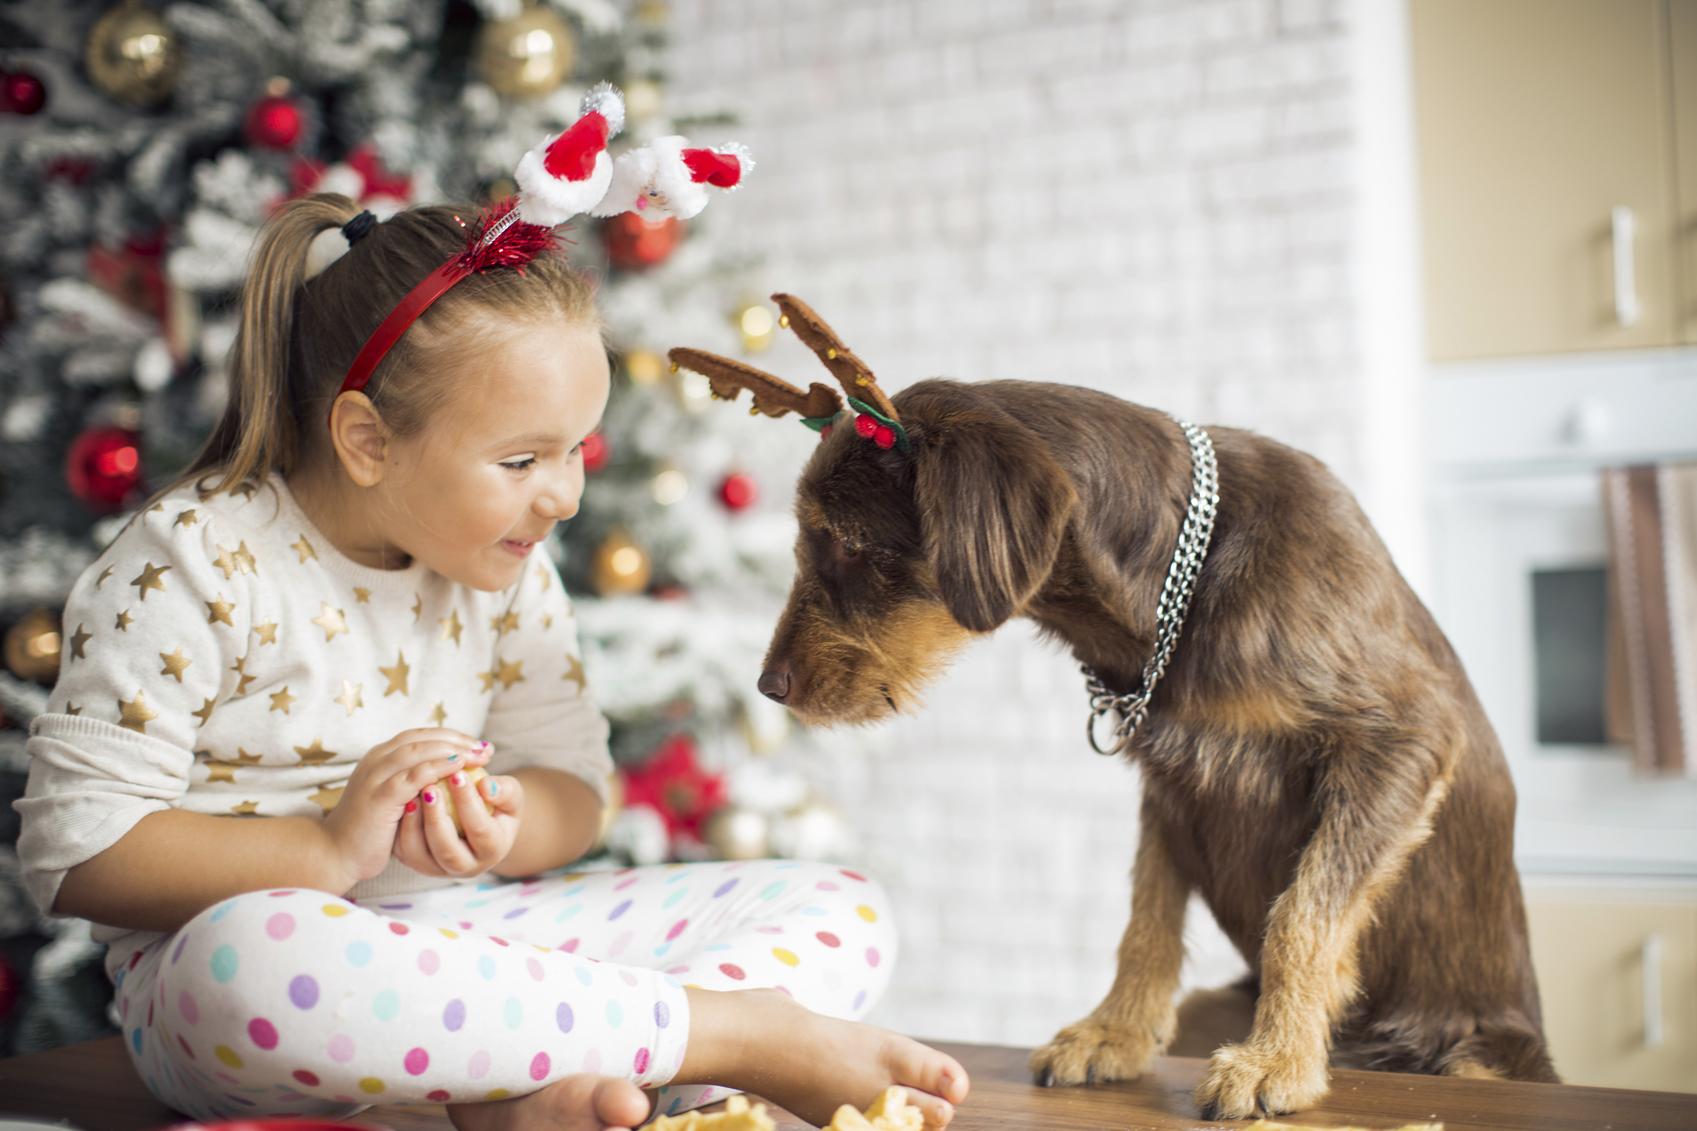 Праздник в деталях: 4 героини о семейных традициях празднования Нового года и Рождества